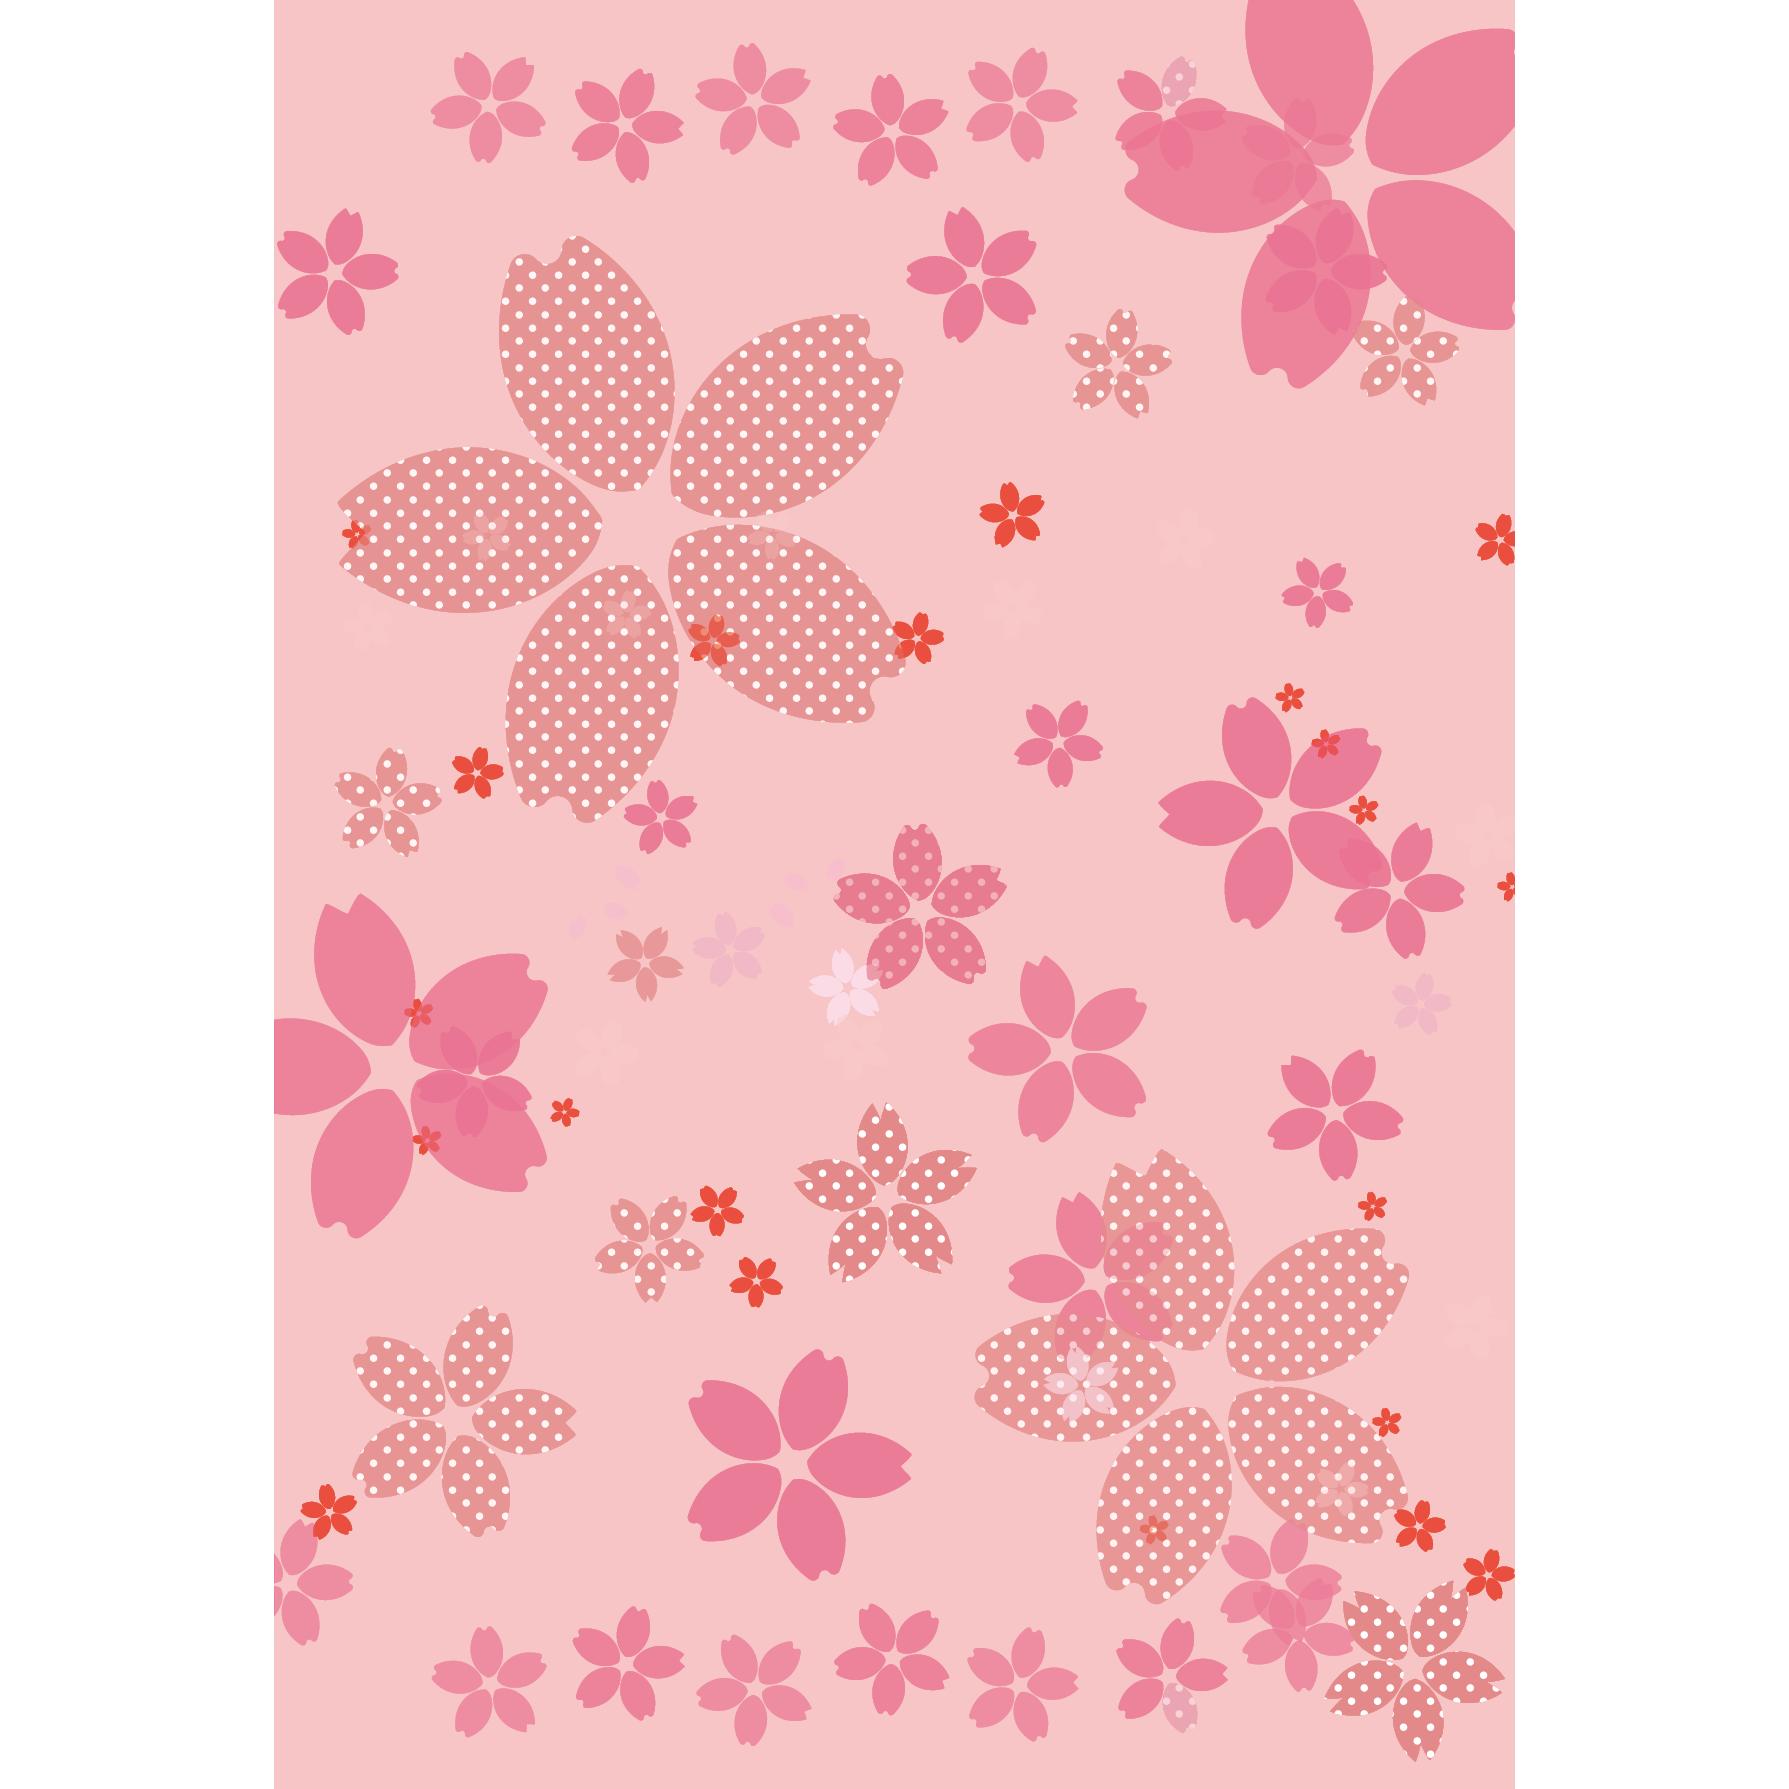 桜のイラストのかわいい 背景 A4サイズ イラスト